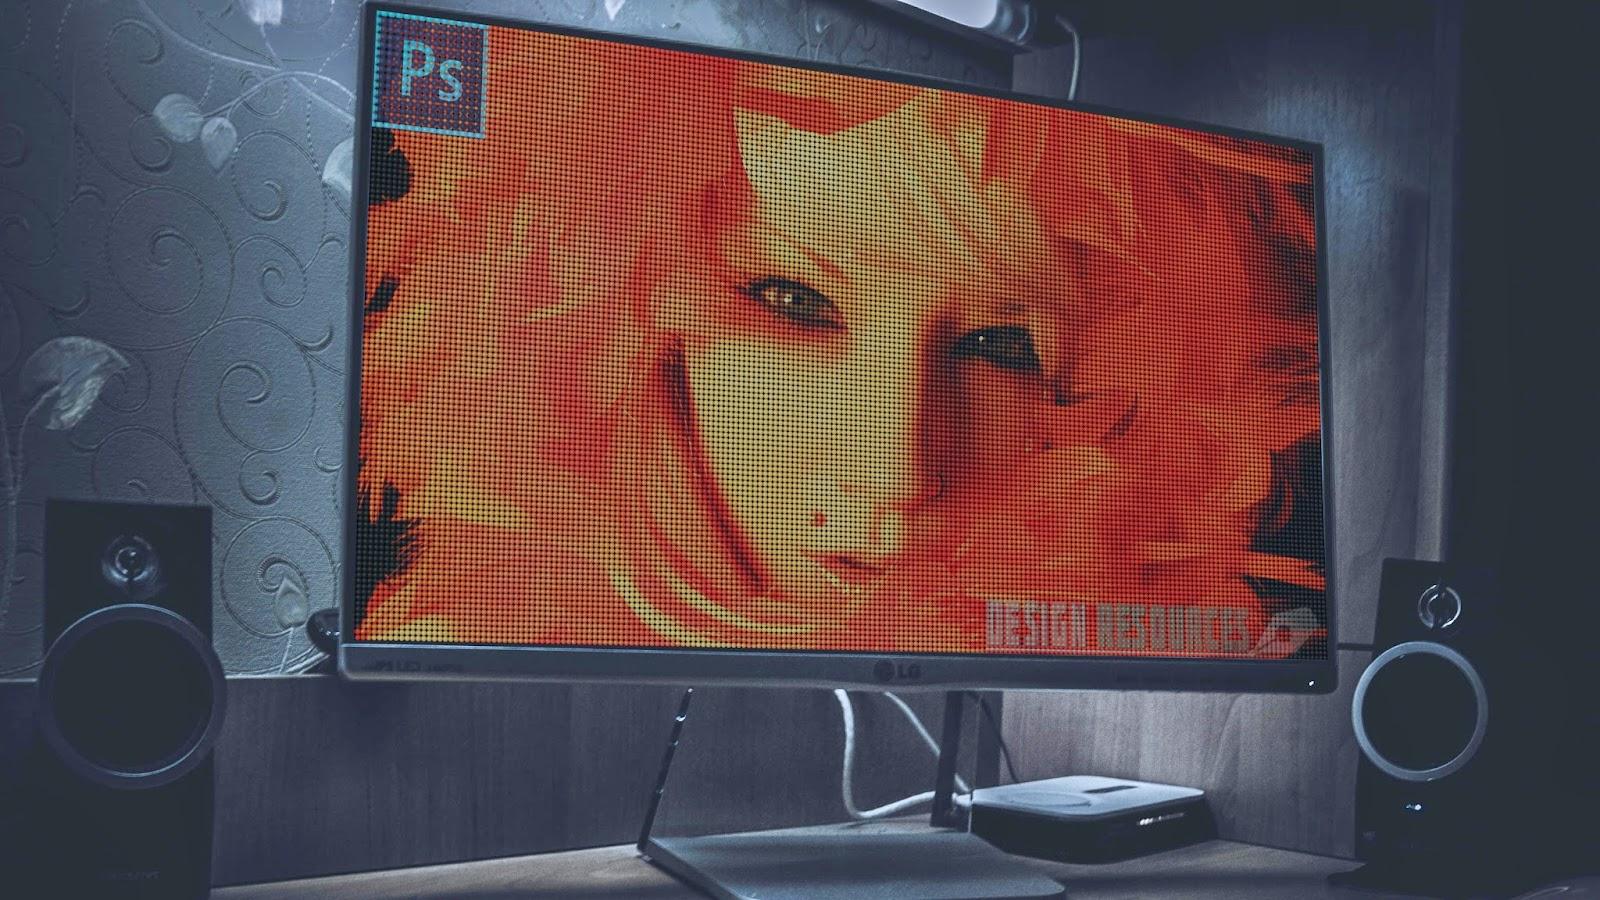 http://1.bp.blogspot.com/-3CiKSwG4yaE/VTu_vlaIPgI/AAAAAAAABgs/uq3ymR1ryUg/s1600/ADR_Led-dot-screen-Effect-Preview-03.jpg